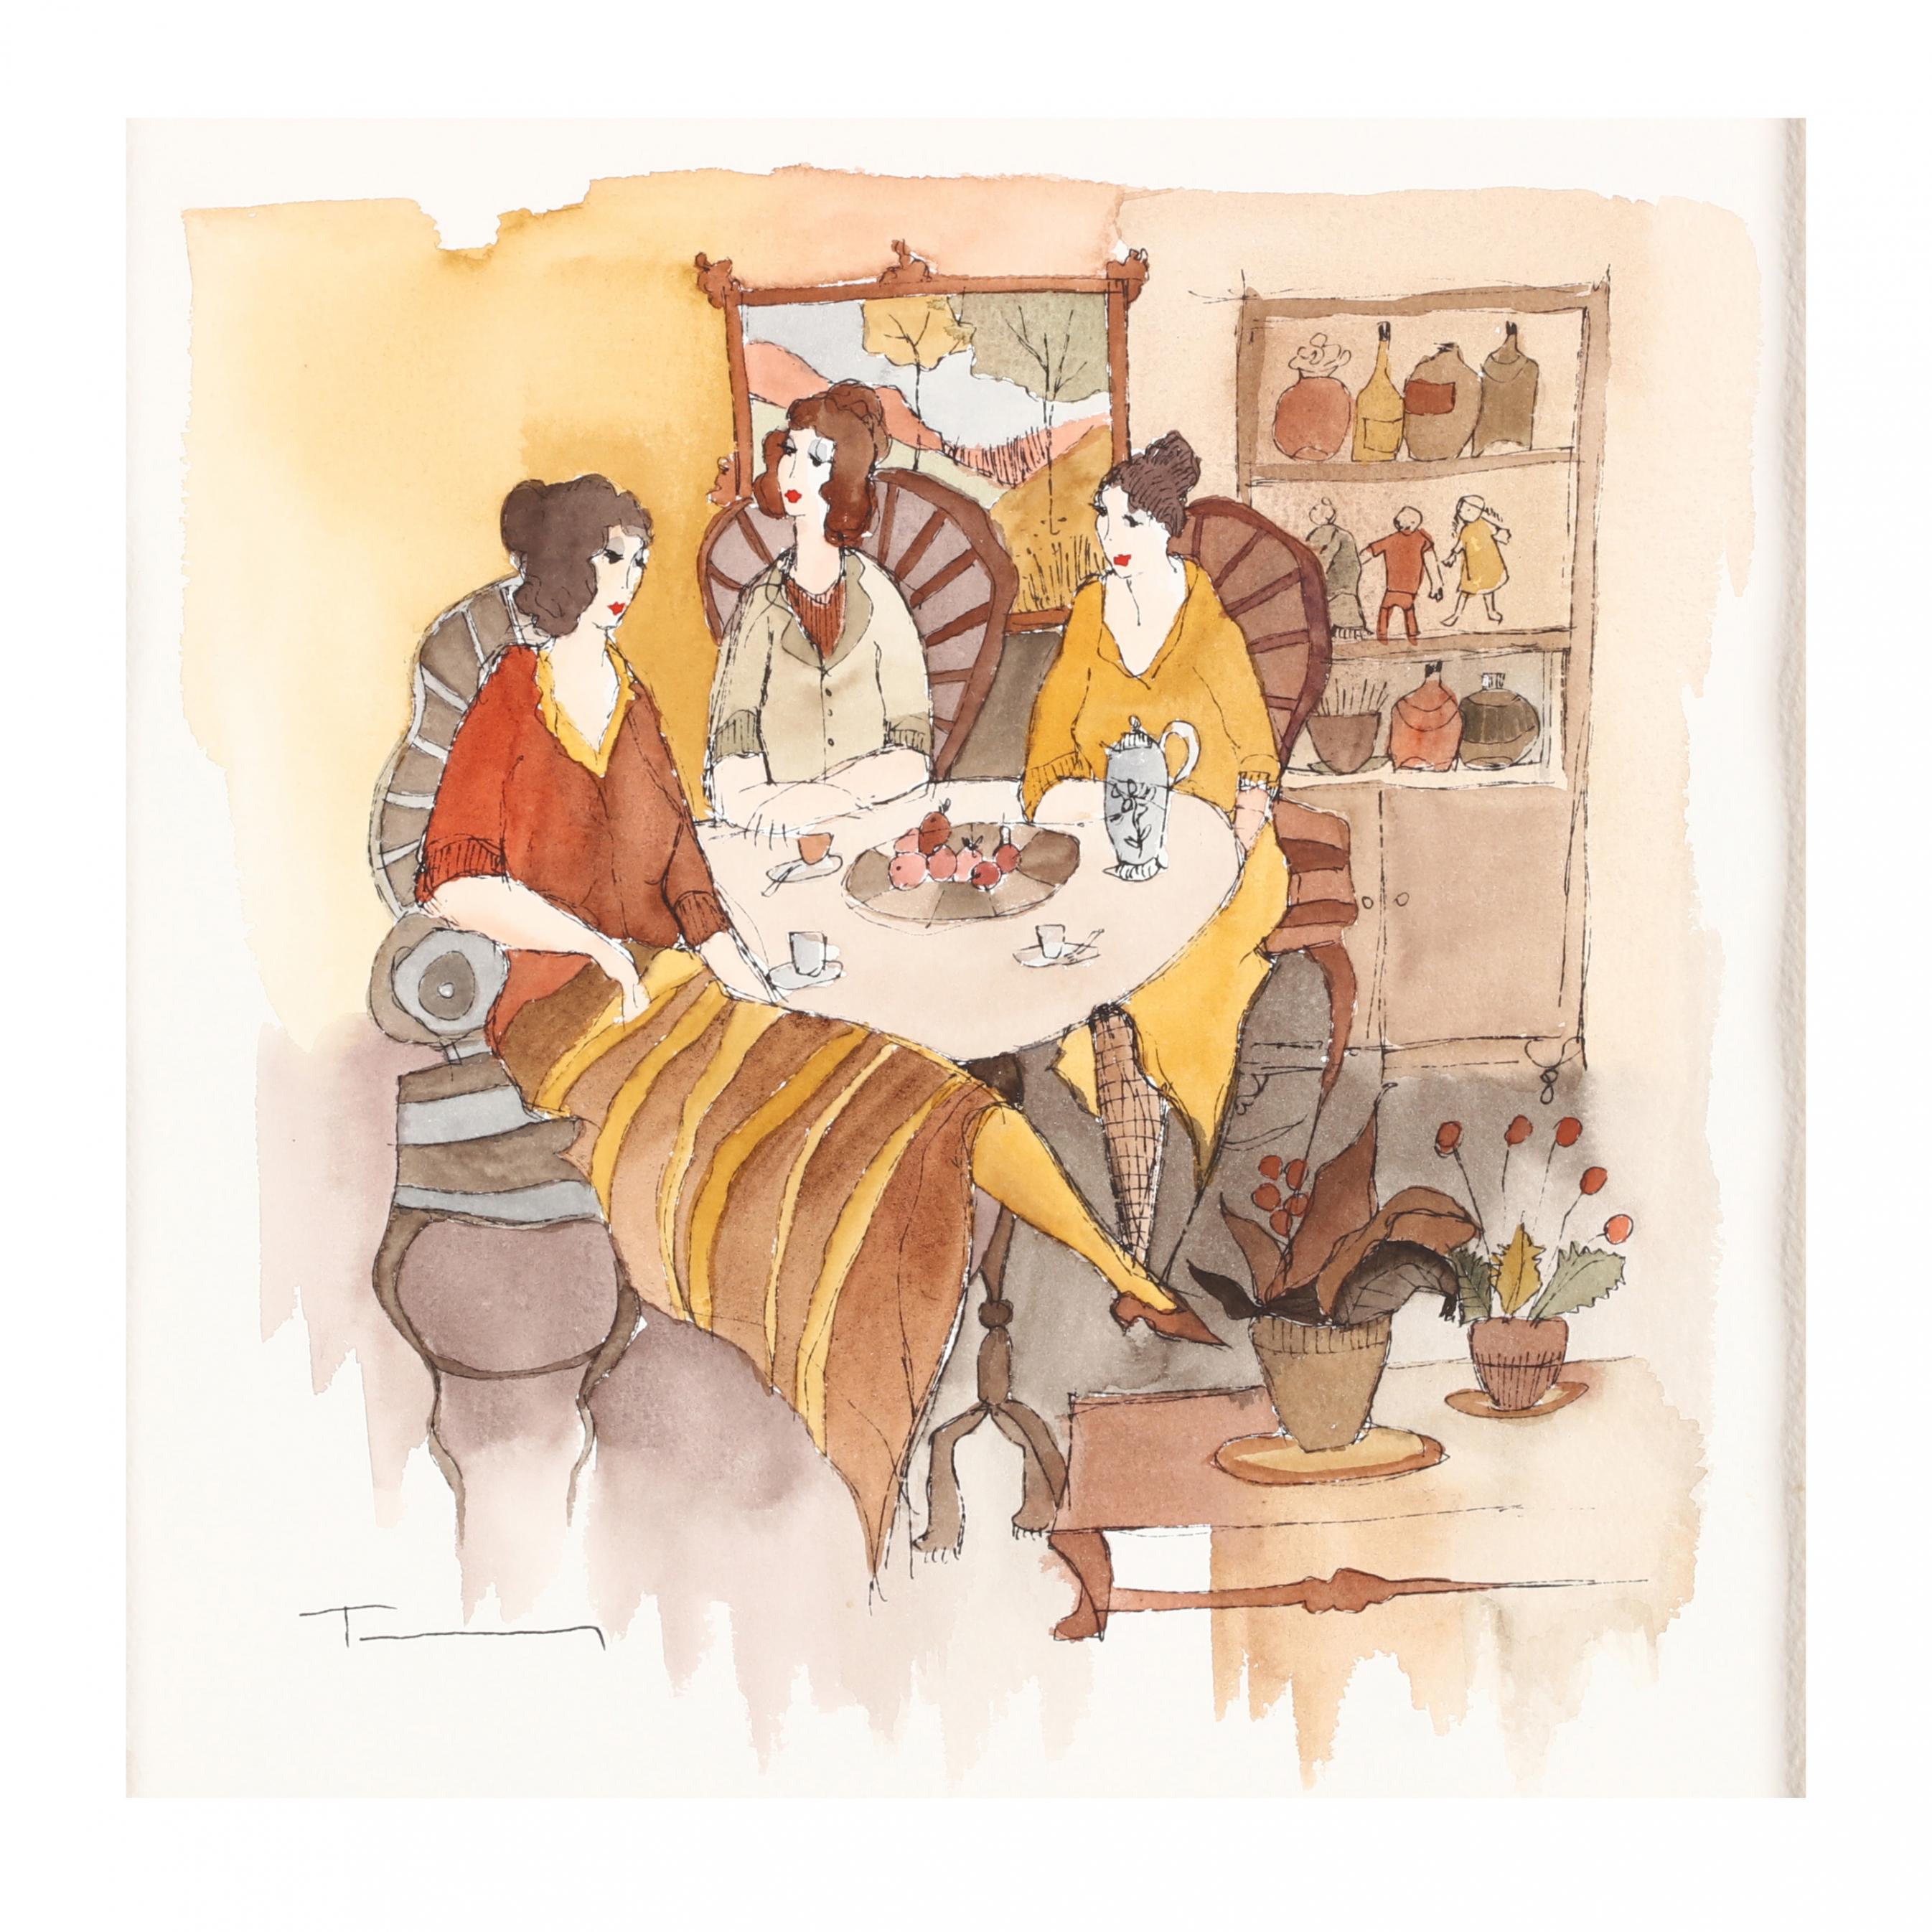 itzchak-tarkay-1935-2012-i-coffee-and-conversation-i